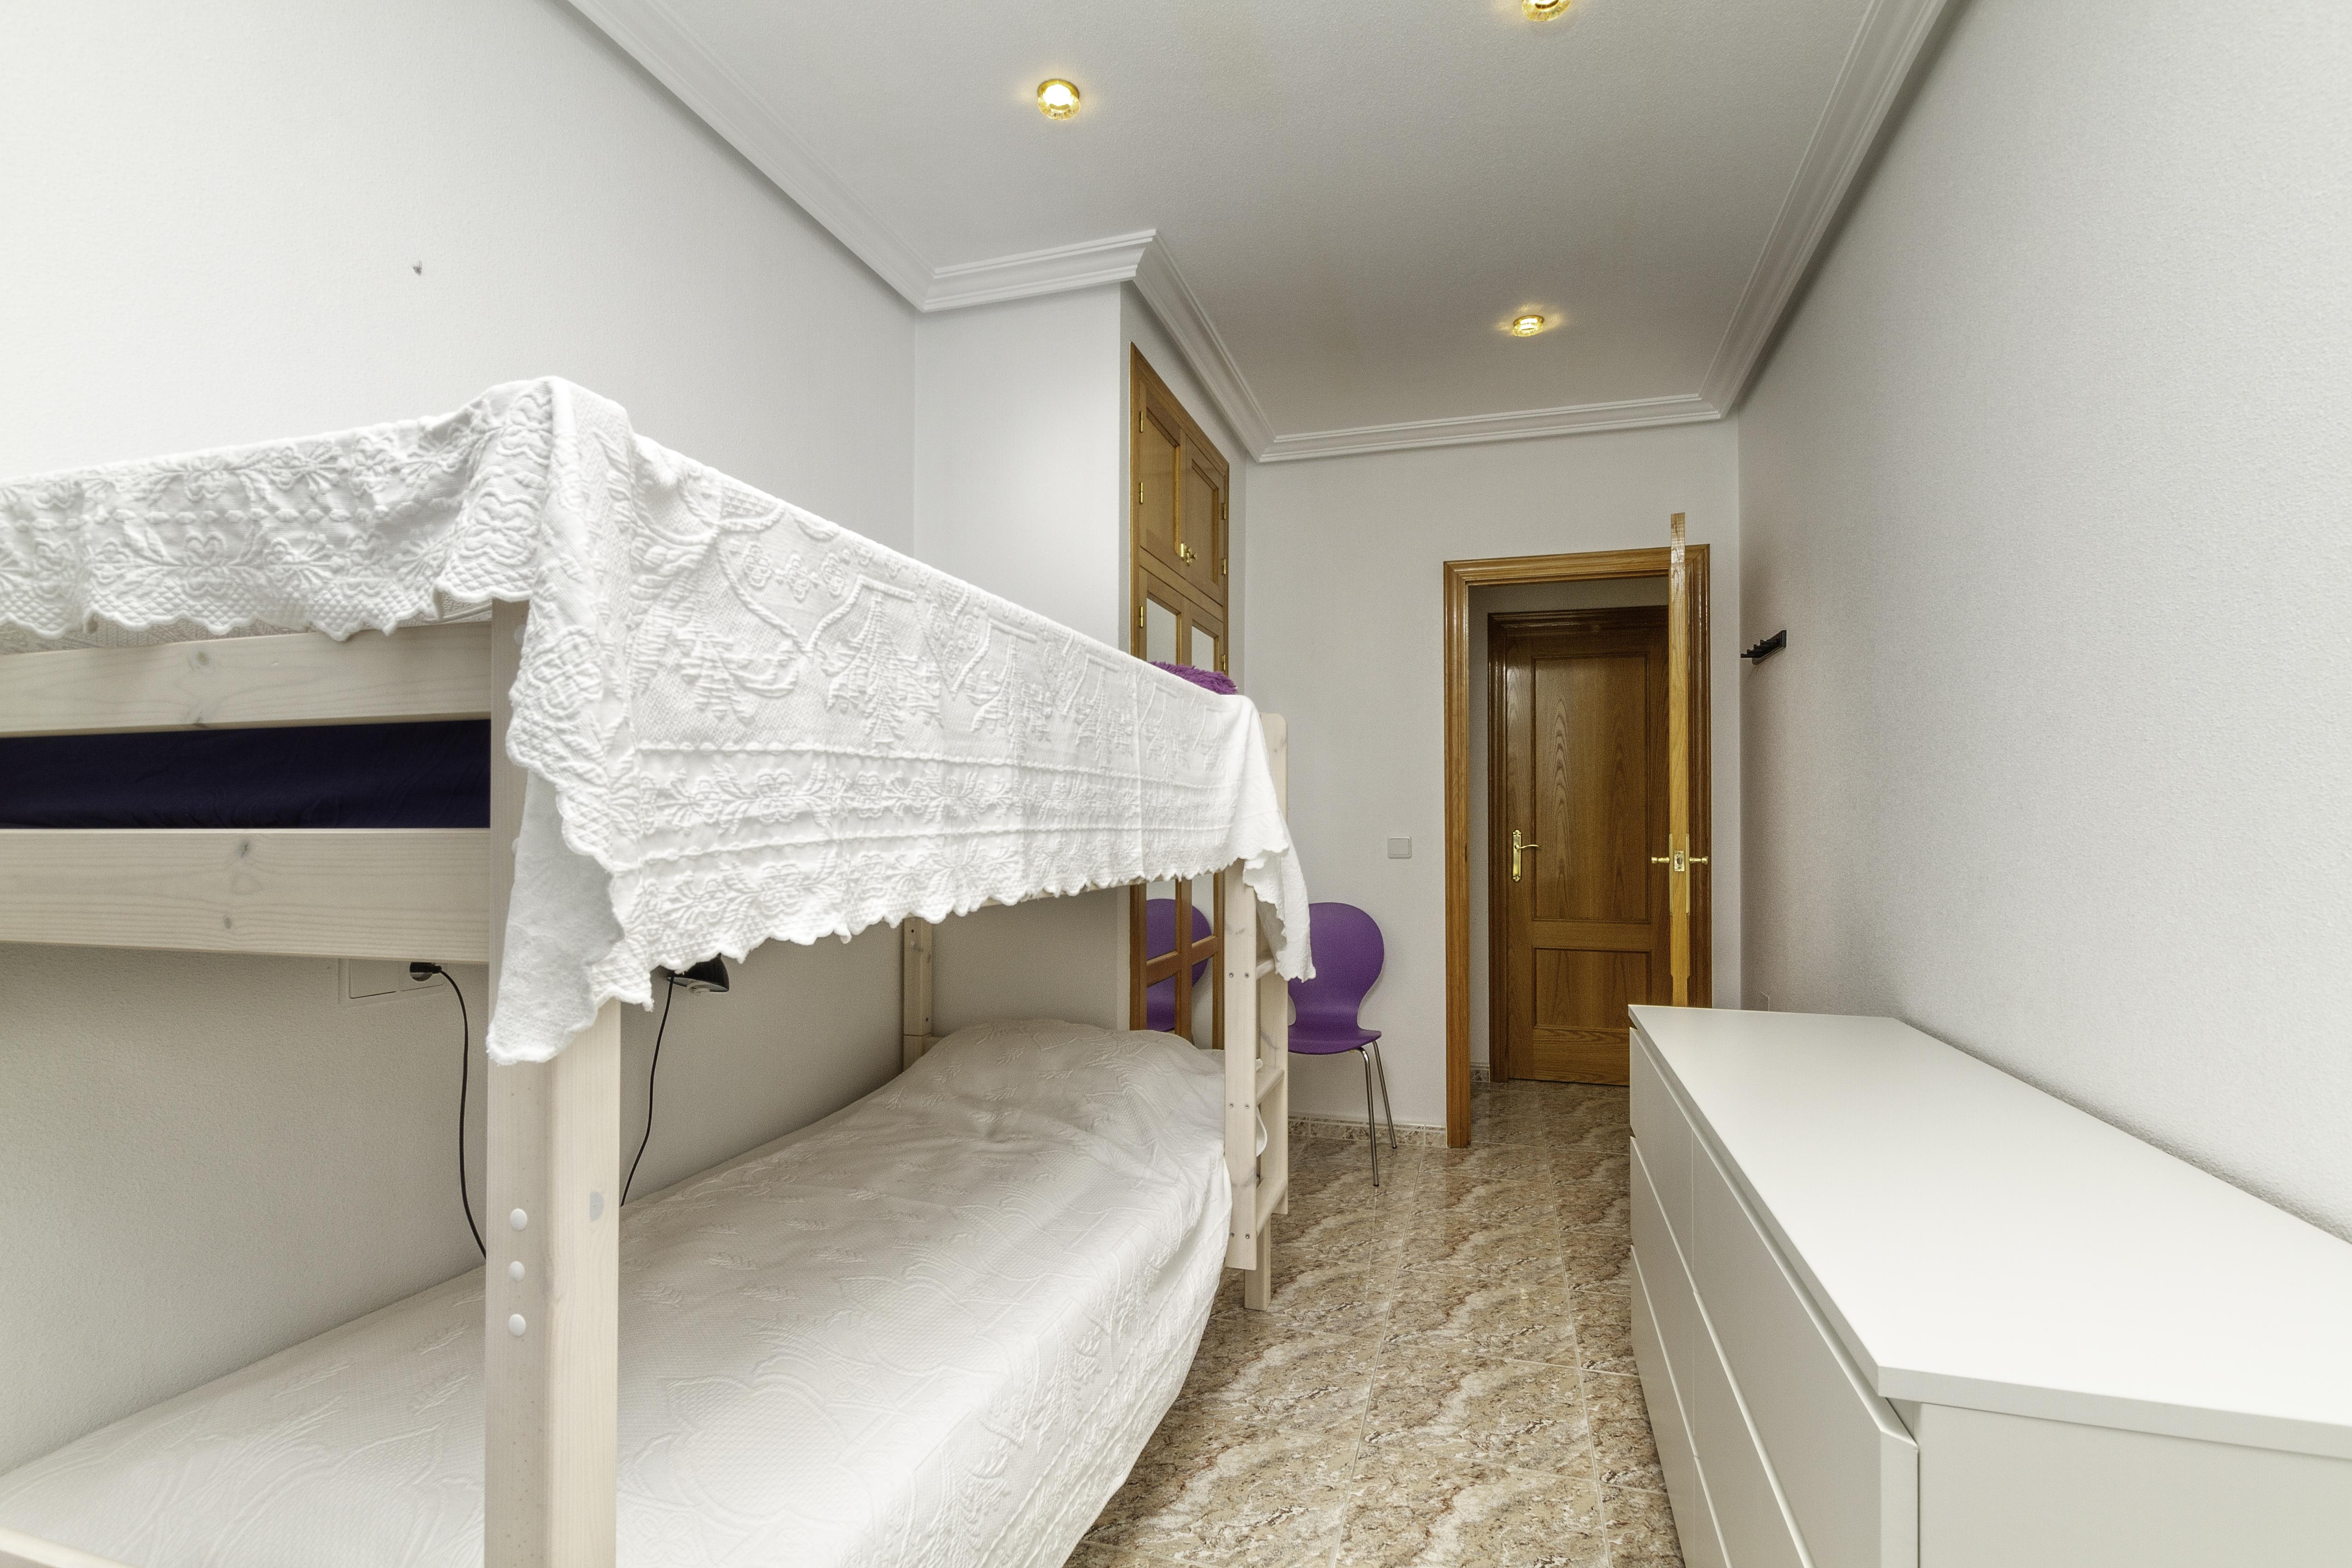 Appartement de vacances Geräumige Wohnung nur 500 Meter vom Strand entfernt (2611011), Torrevieja, Costa Blanca, Valence, Espagne, image 7